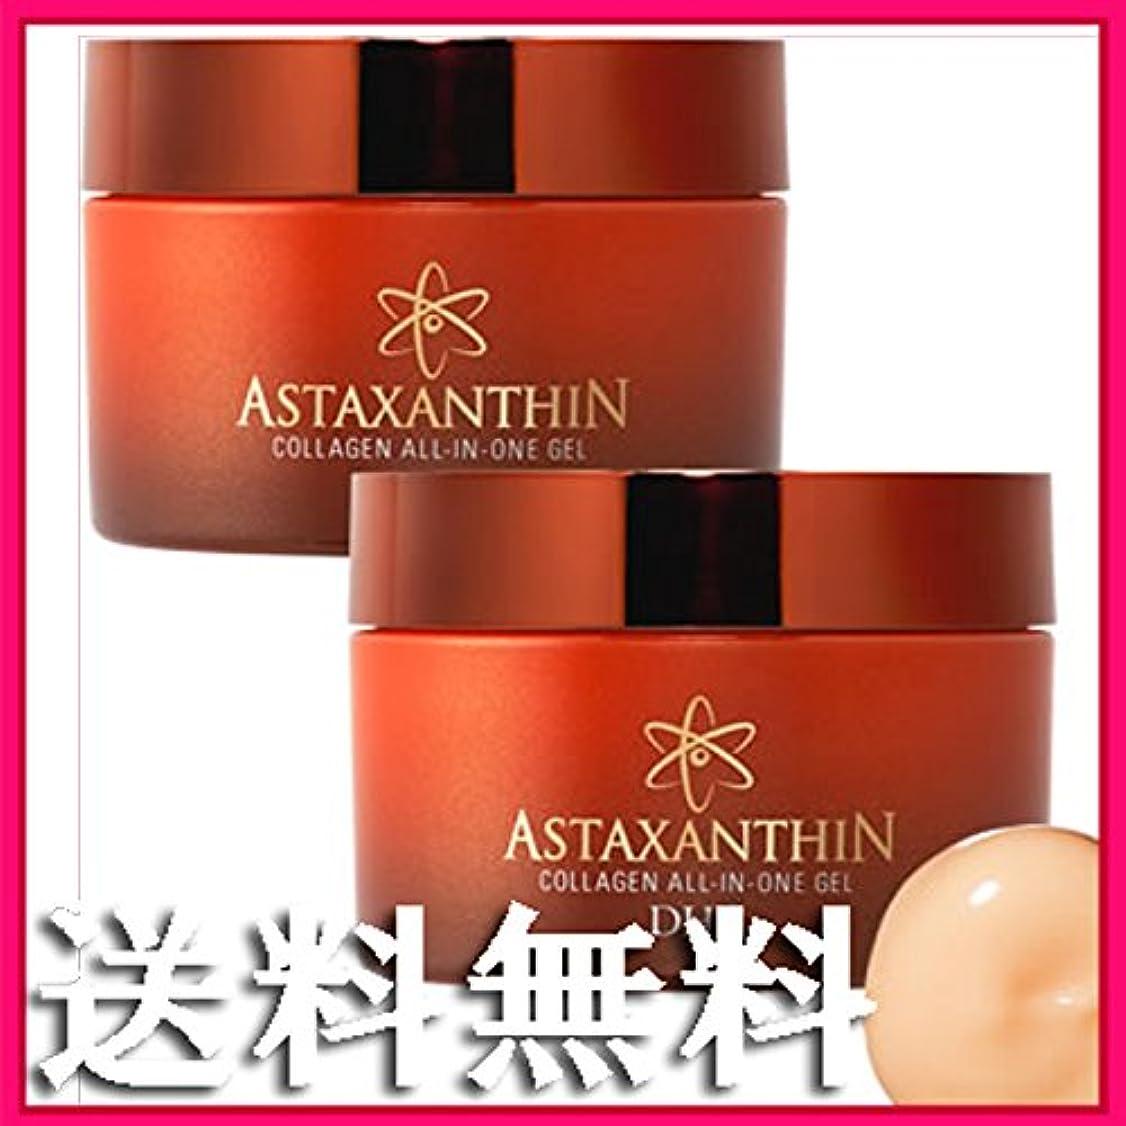 DHC化粧品 アスタキサンチン コラーゲン オールインワンジェル 2個セット